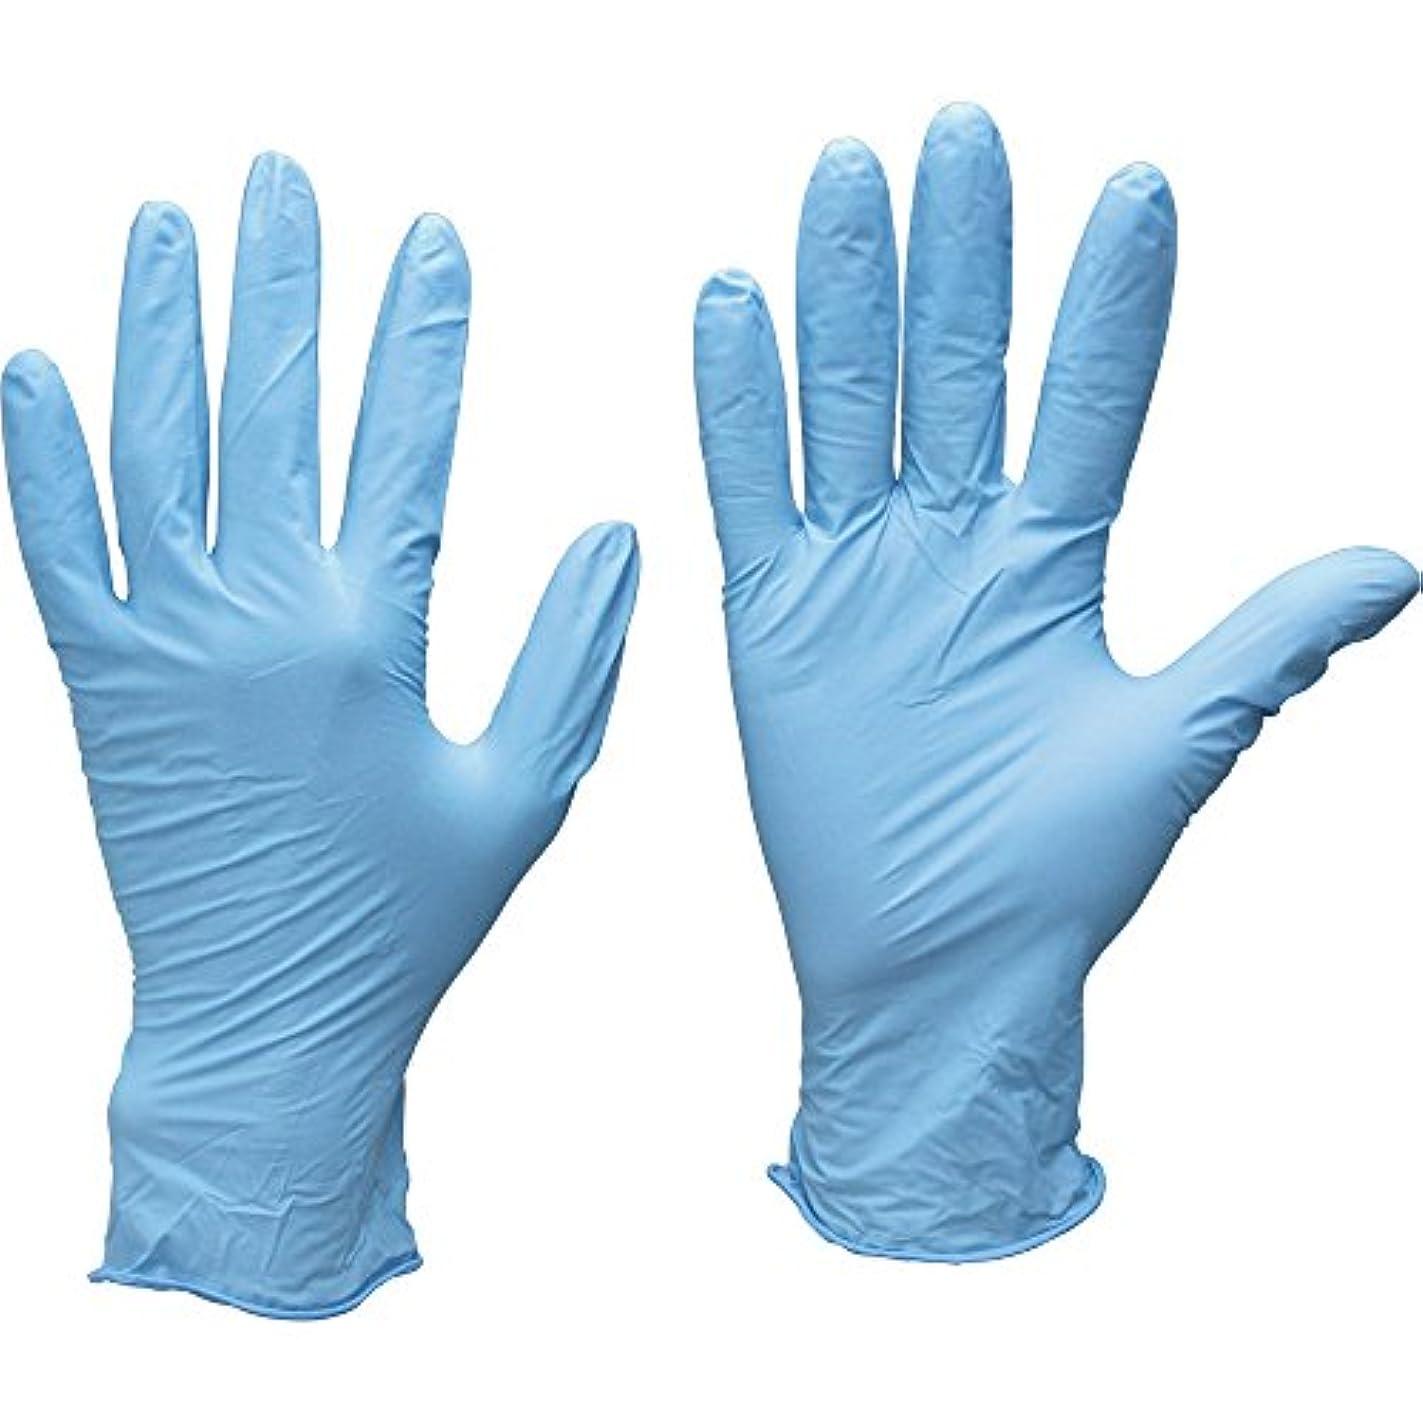 納税者ドライバ平和なトワロン ニトリル極うす手袋 SS (100枚入) 529-SS ニトリルゴム使い捨て手袋